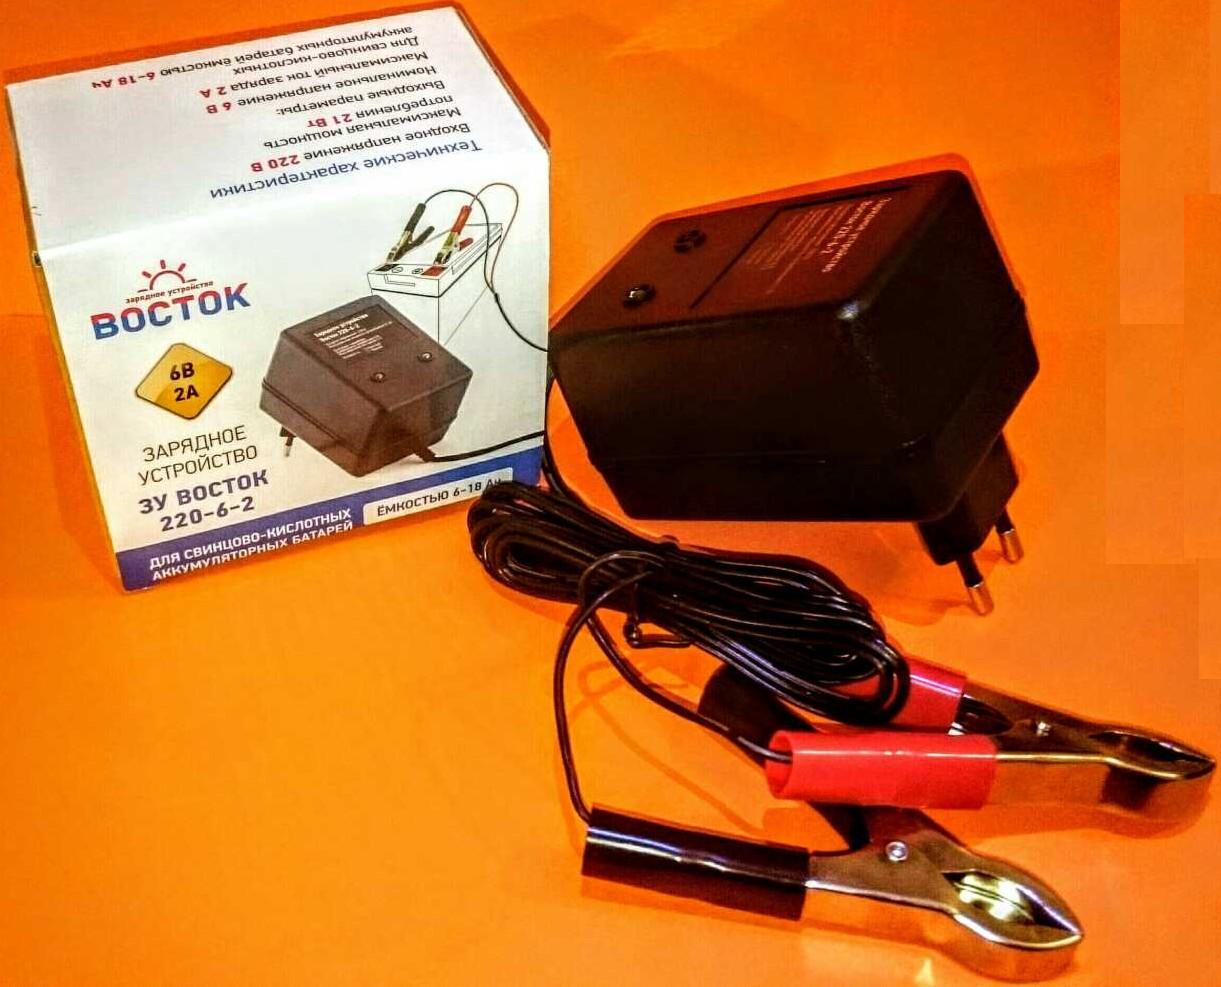 Как выбрать в Саратове зарядное устройство для аккумулятора мотоцикла?